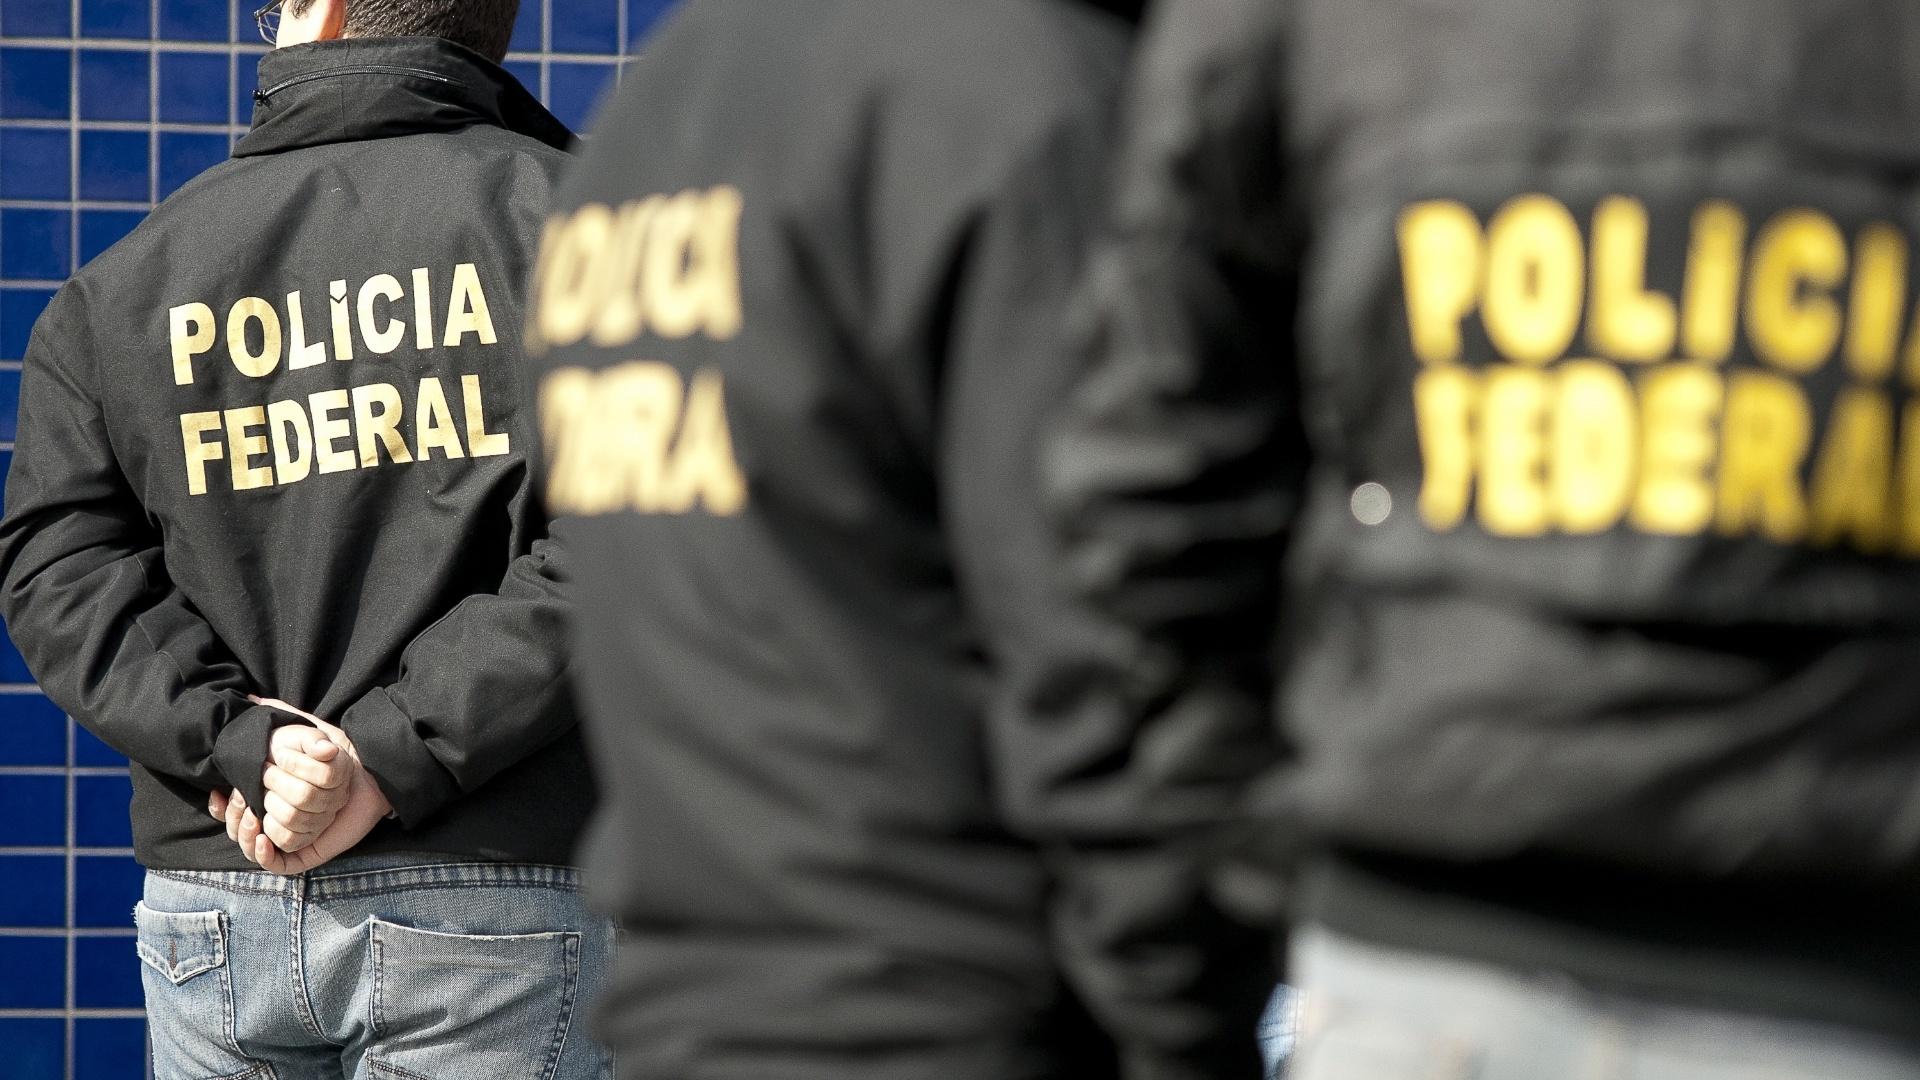 Sindicato dos Policiais Federais do Piauí filia-se à CSB